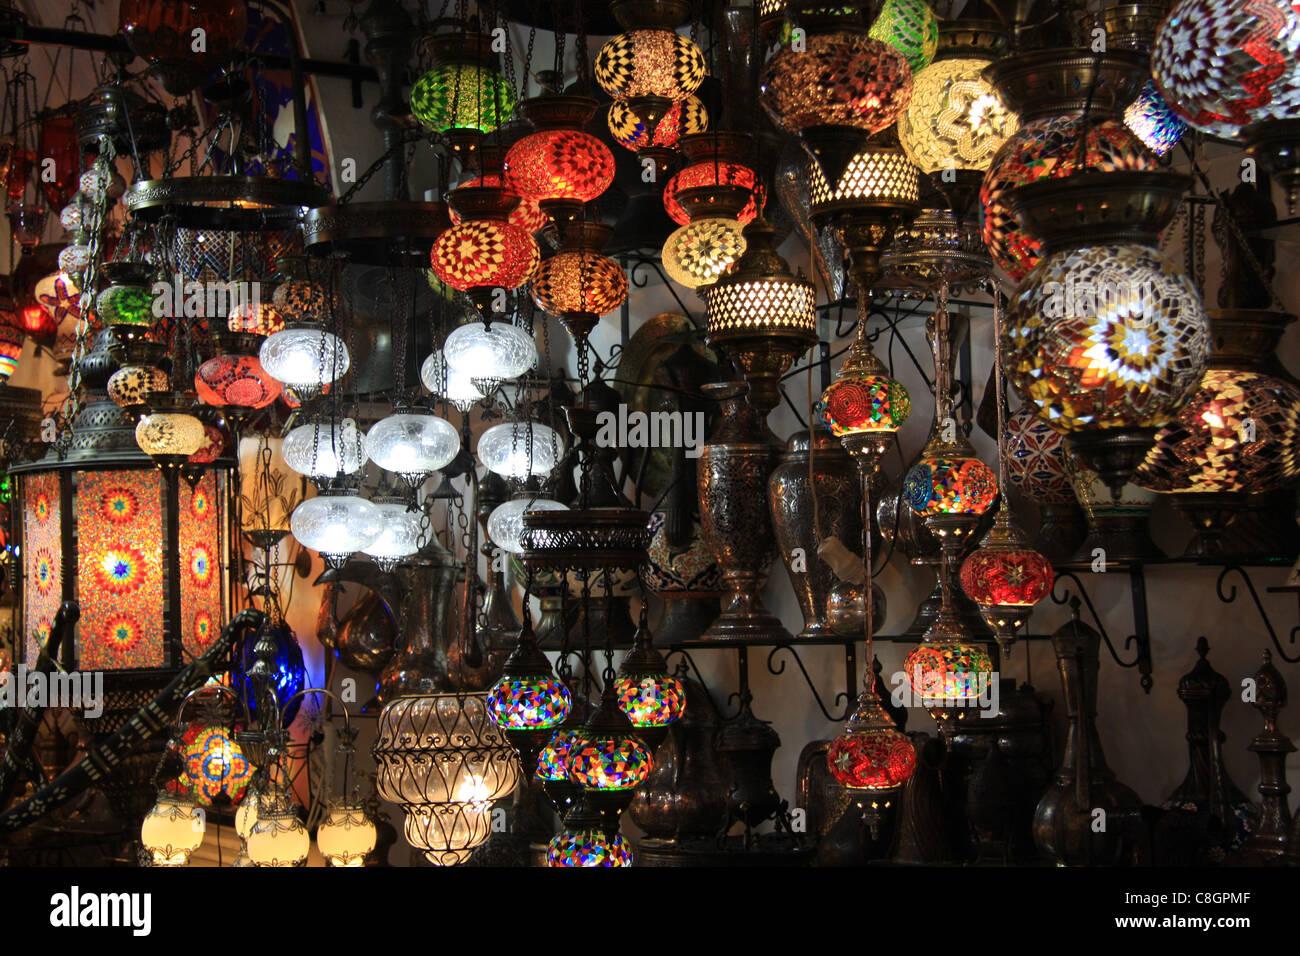 Kapali Carsi Istanbul Stockfotos & Kapali Carsi Istanbul Bilder ...